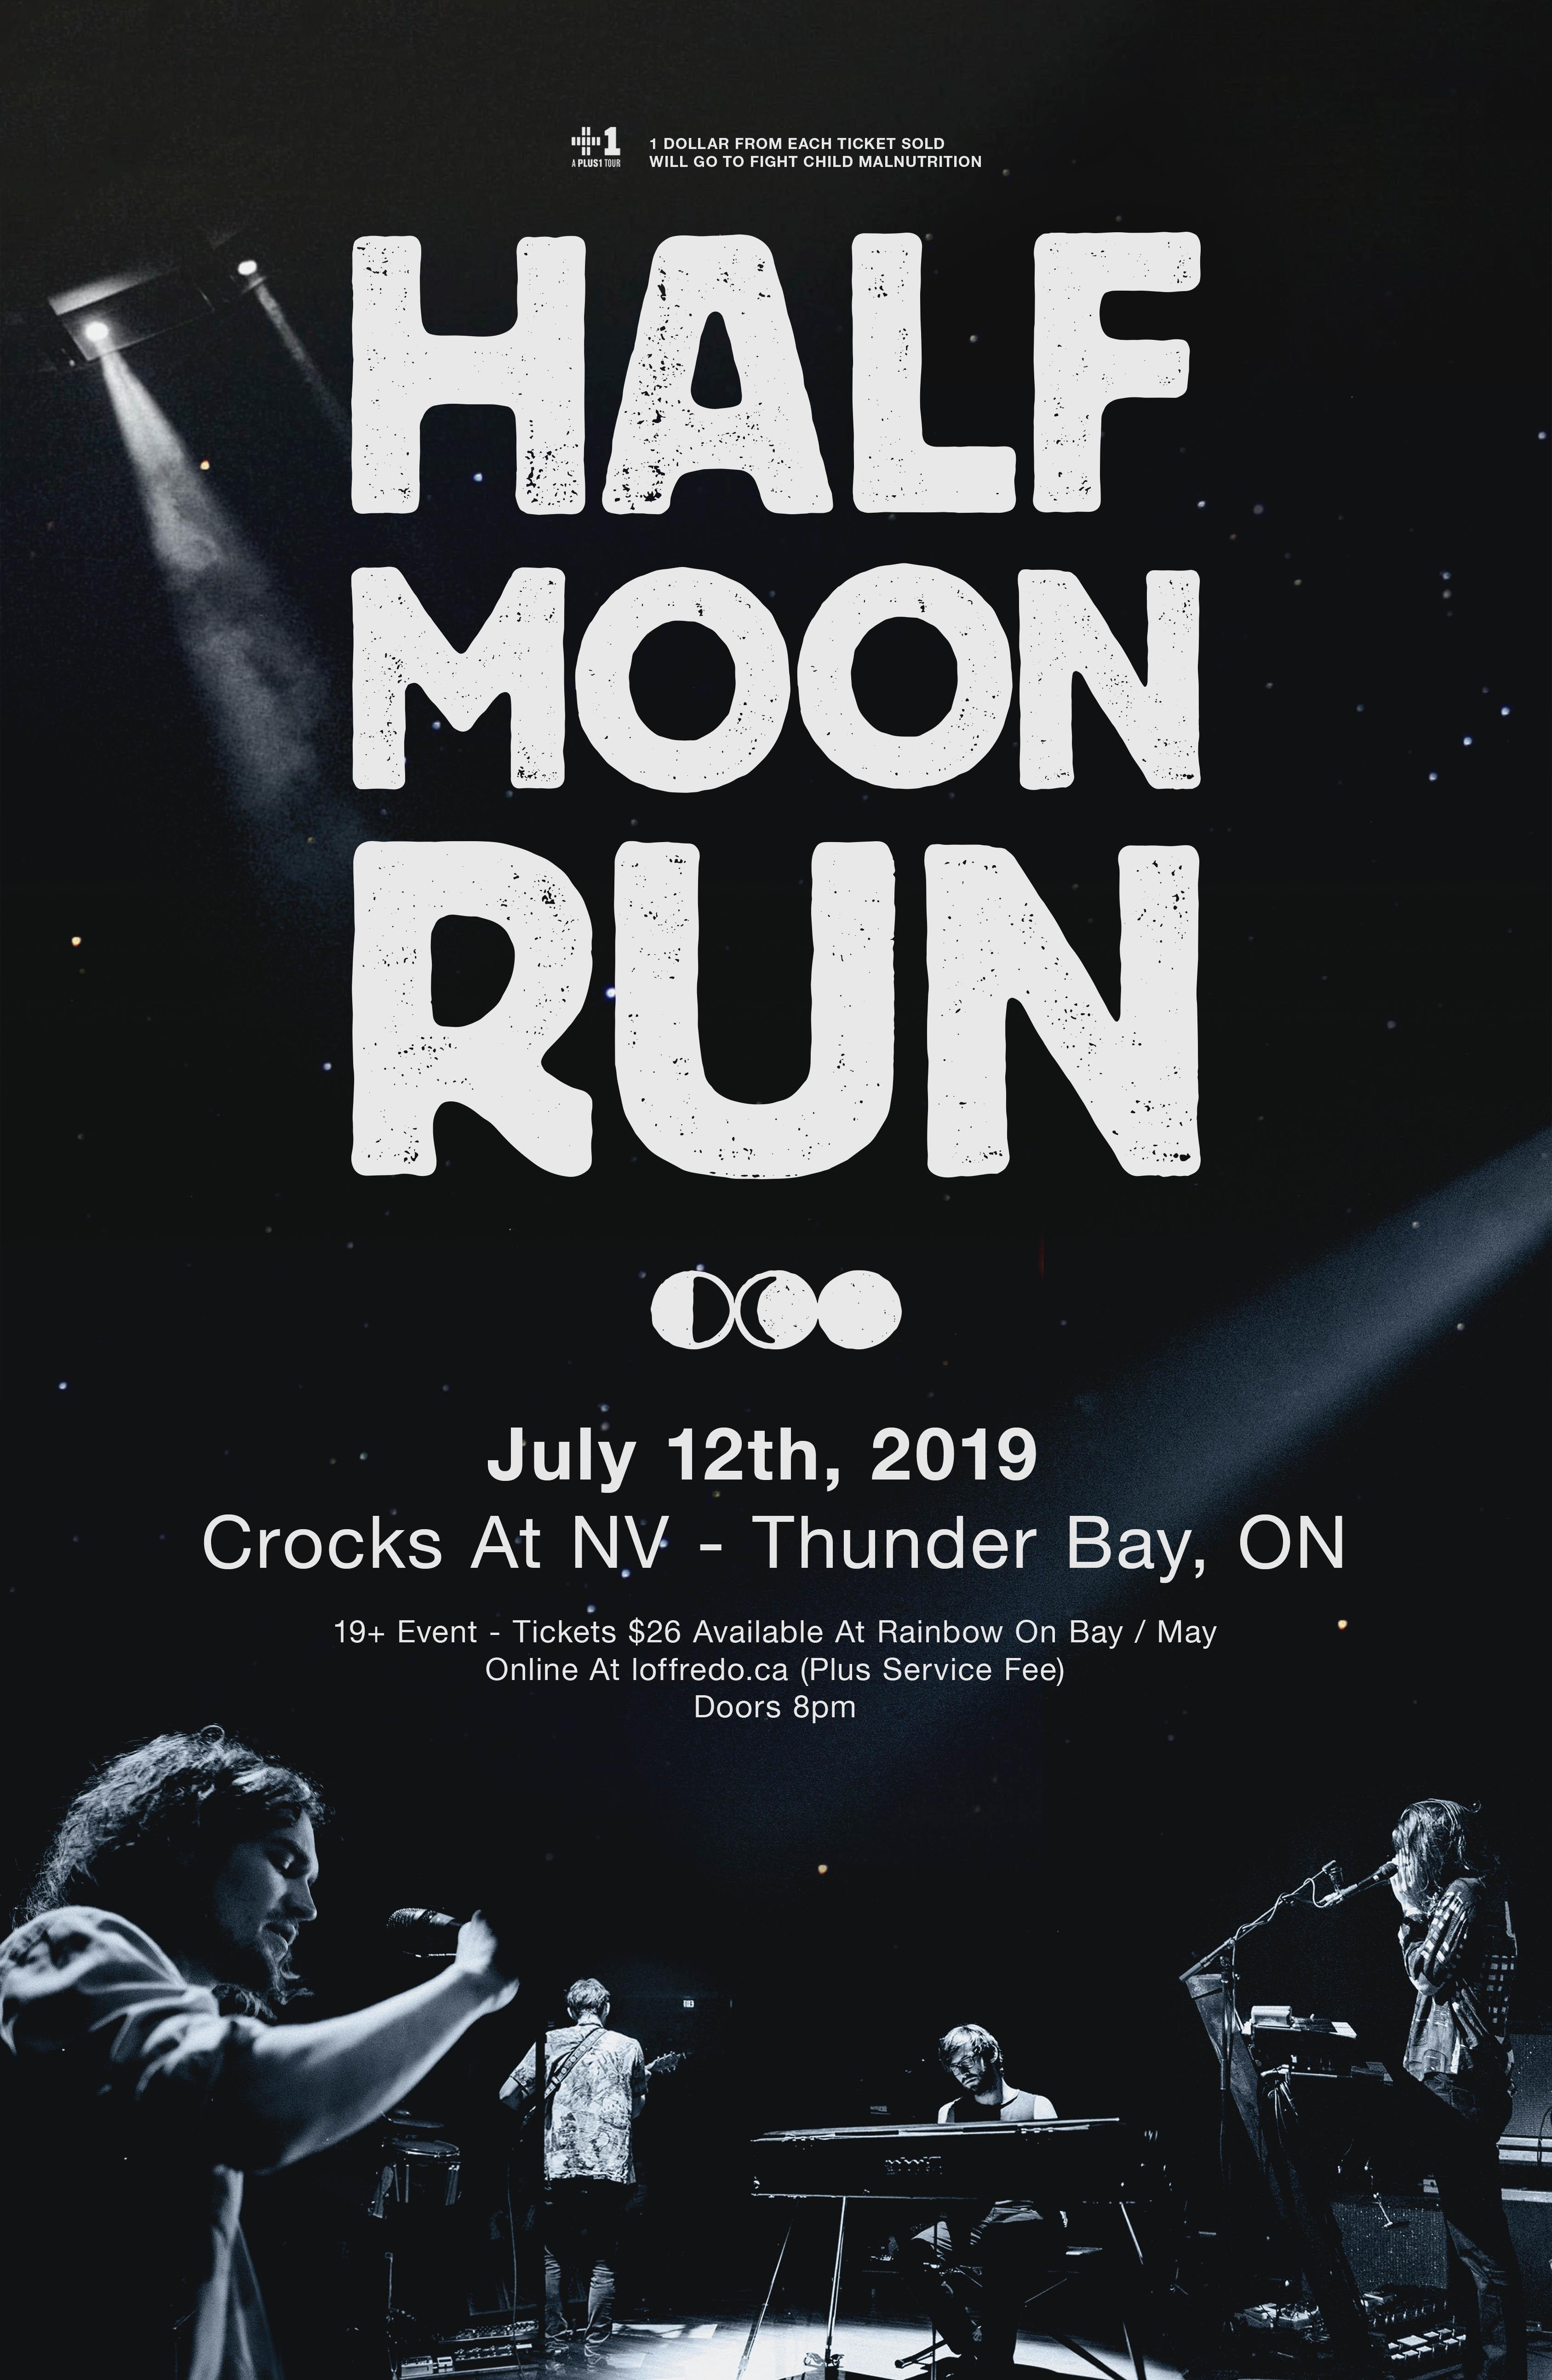 Half Moon Run - July 12th | Crocks At NV 00296